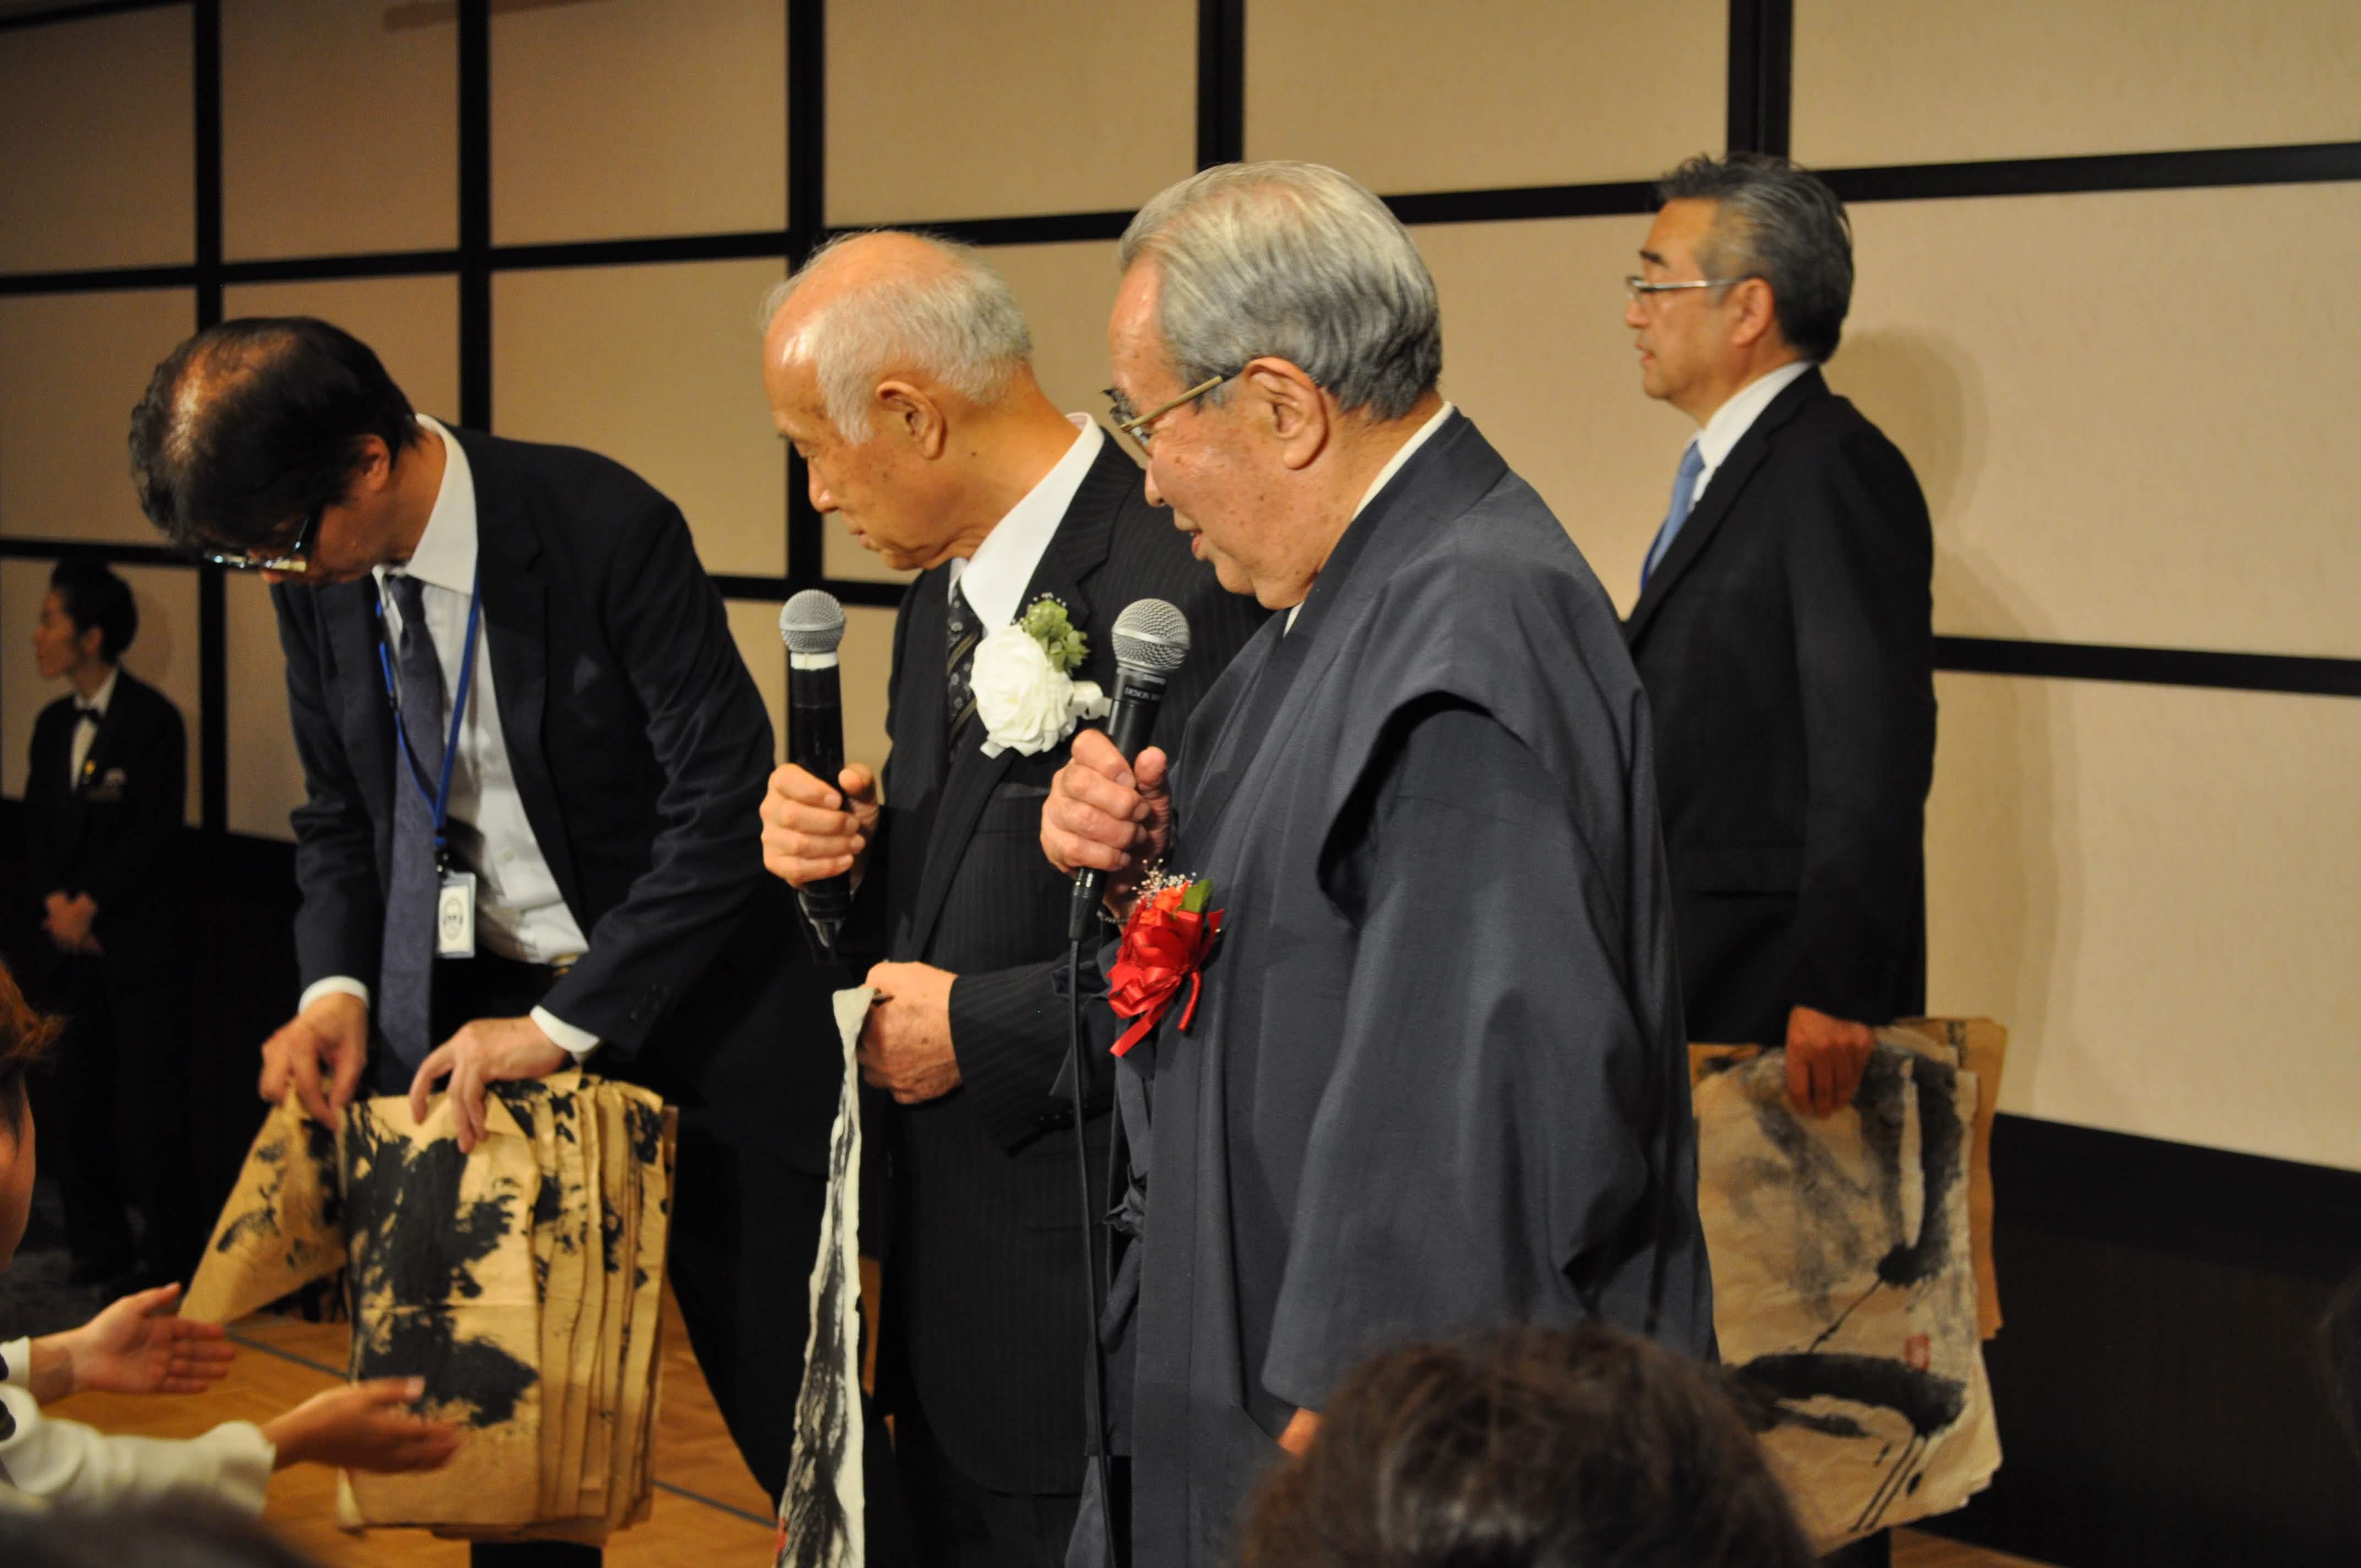 DSC 0599 1 - 思風会全国大会in広島